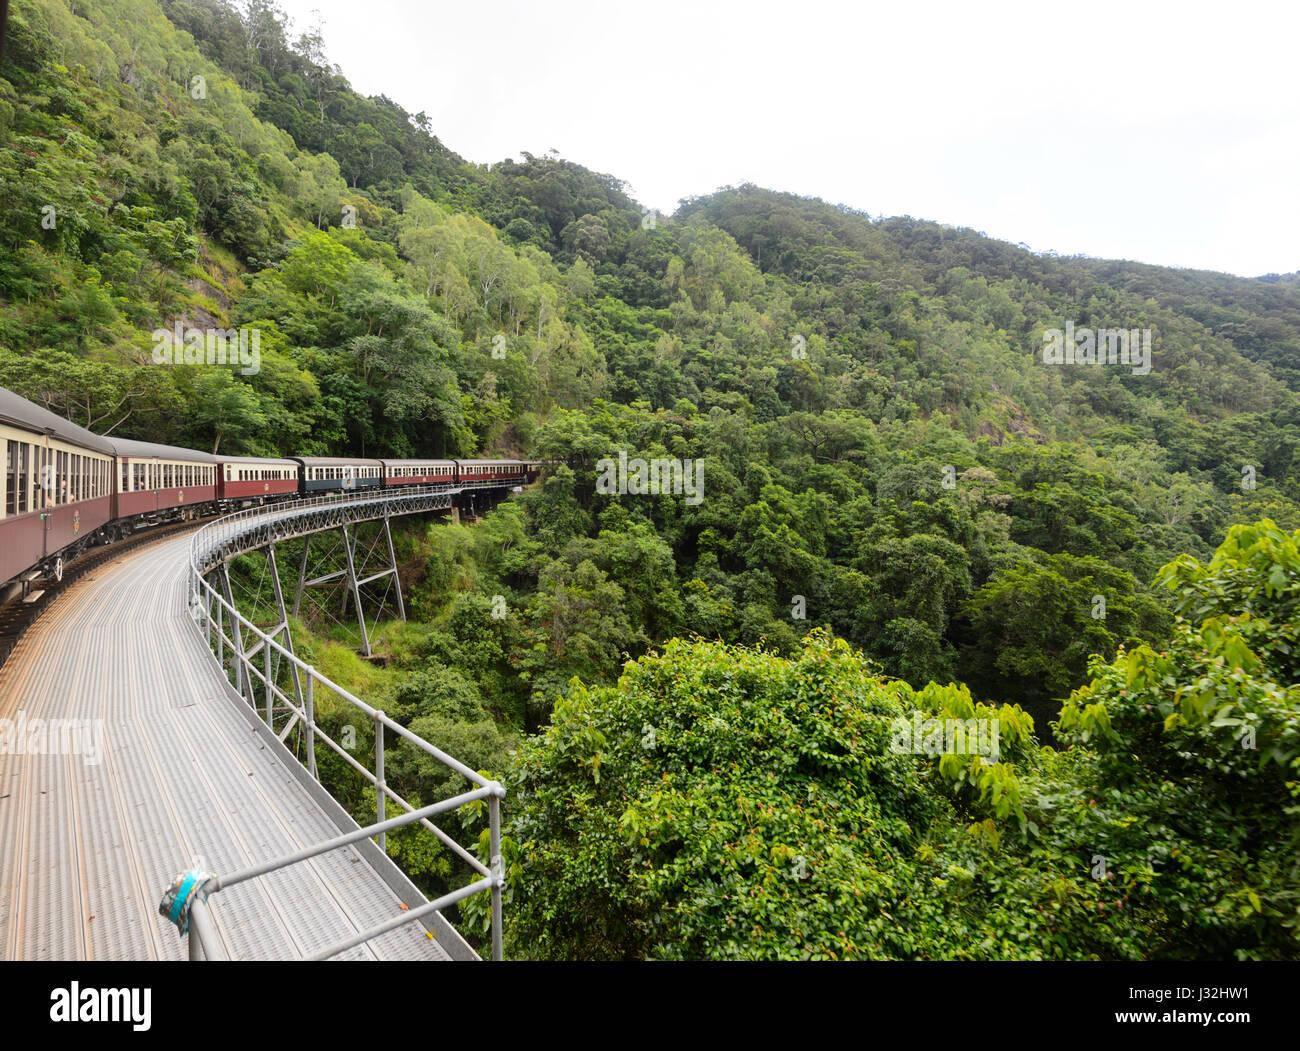 Kuranda Scenic Railway train historique, près de Cairns, l'extrême nord du Queensland, Australie, Photo Stock